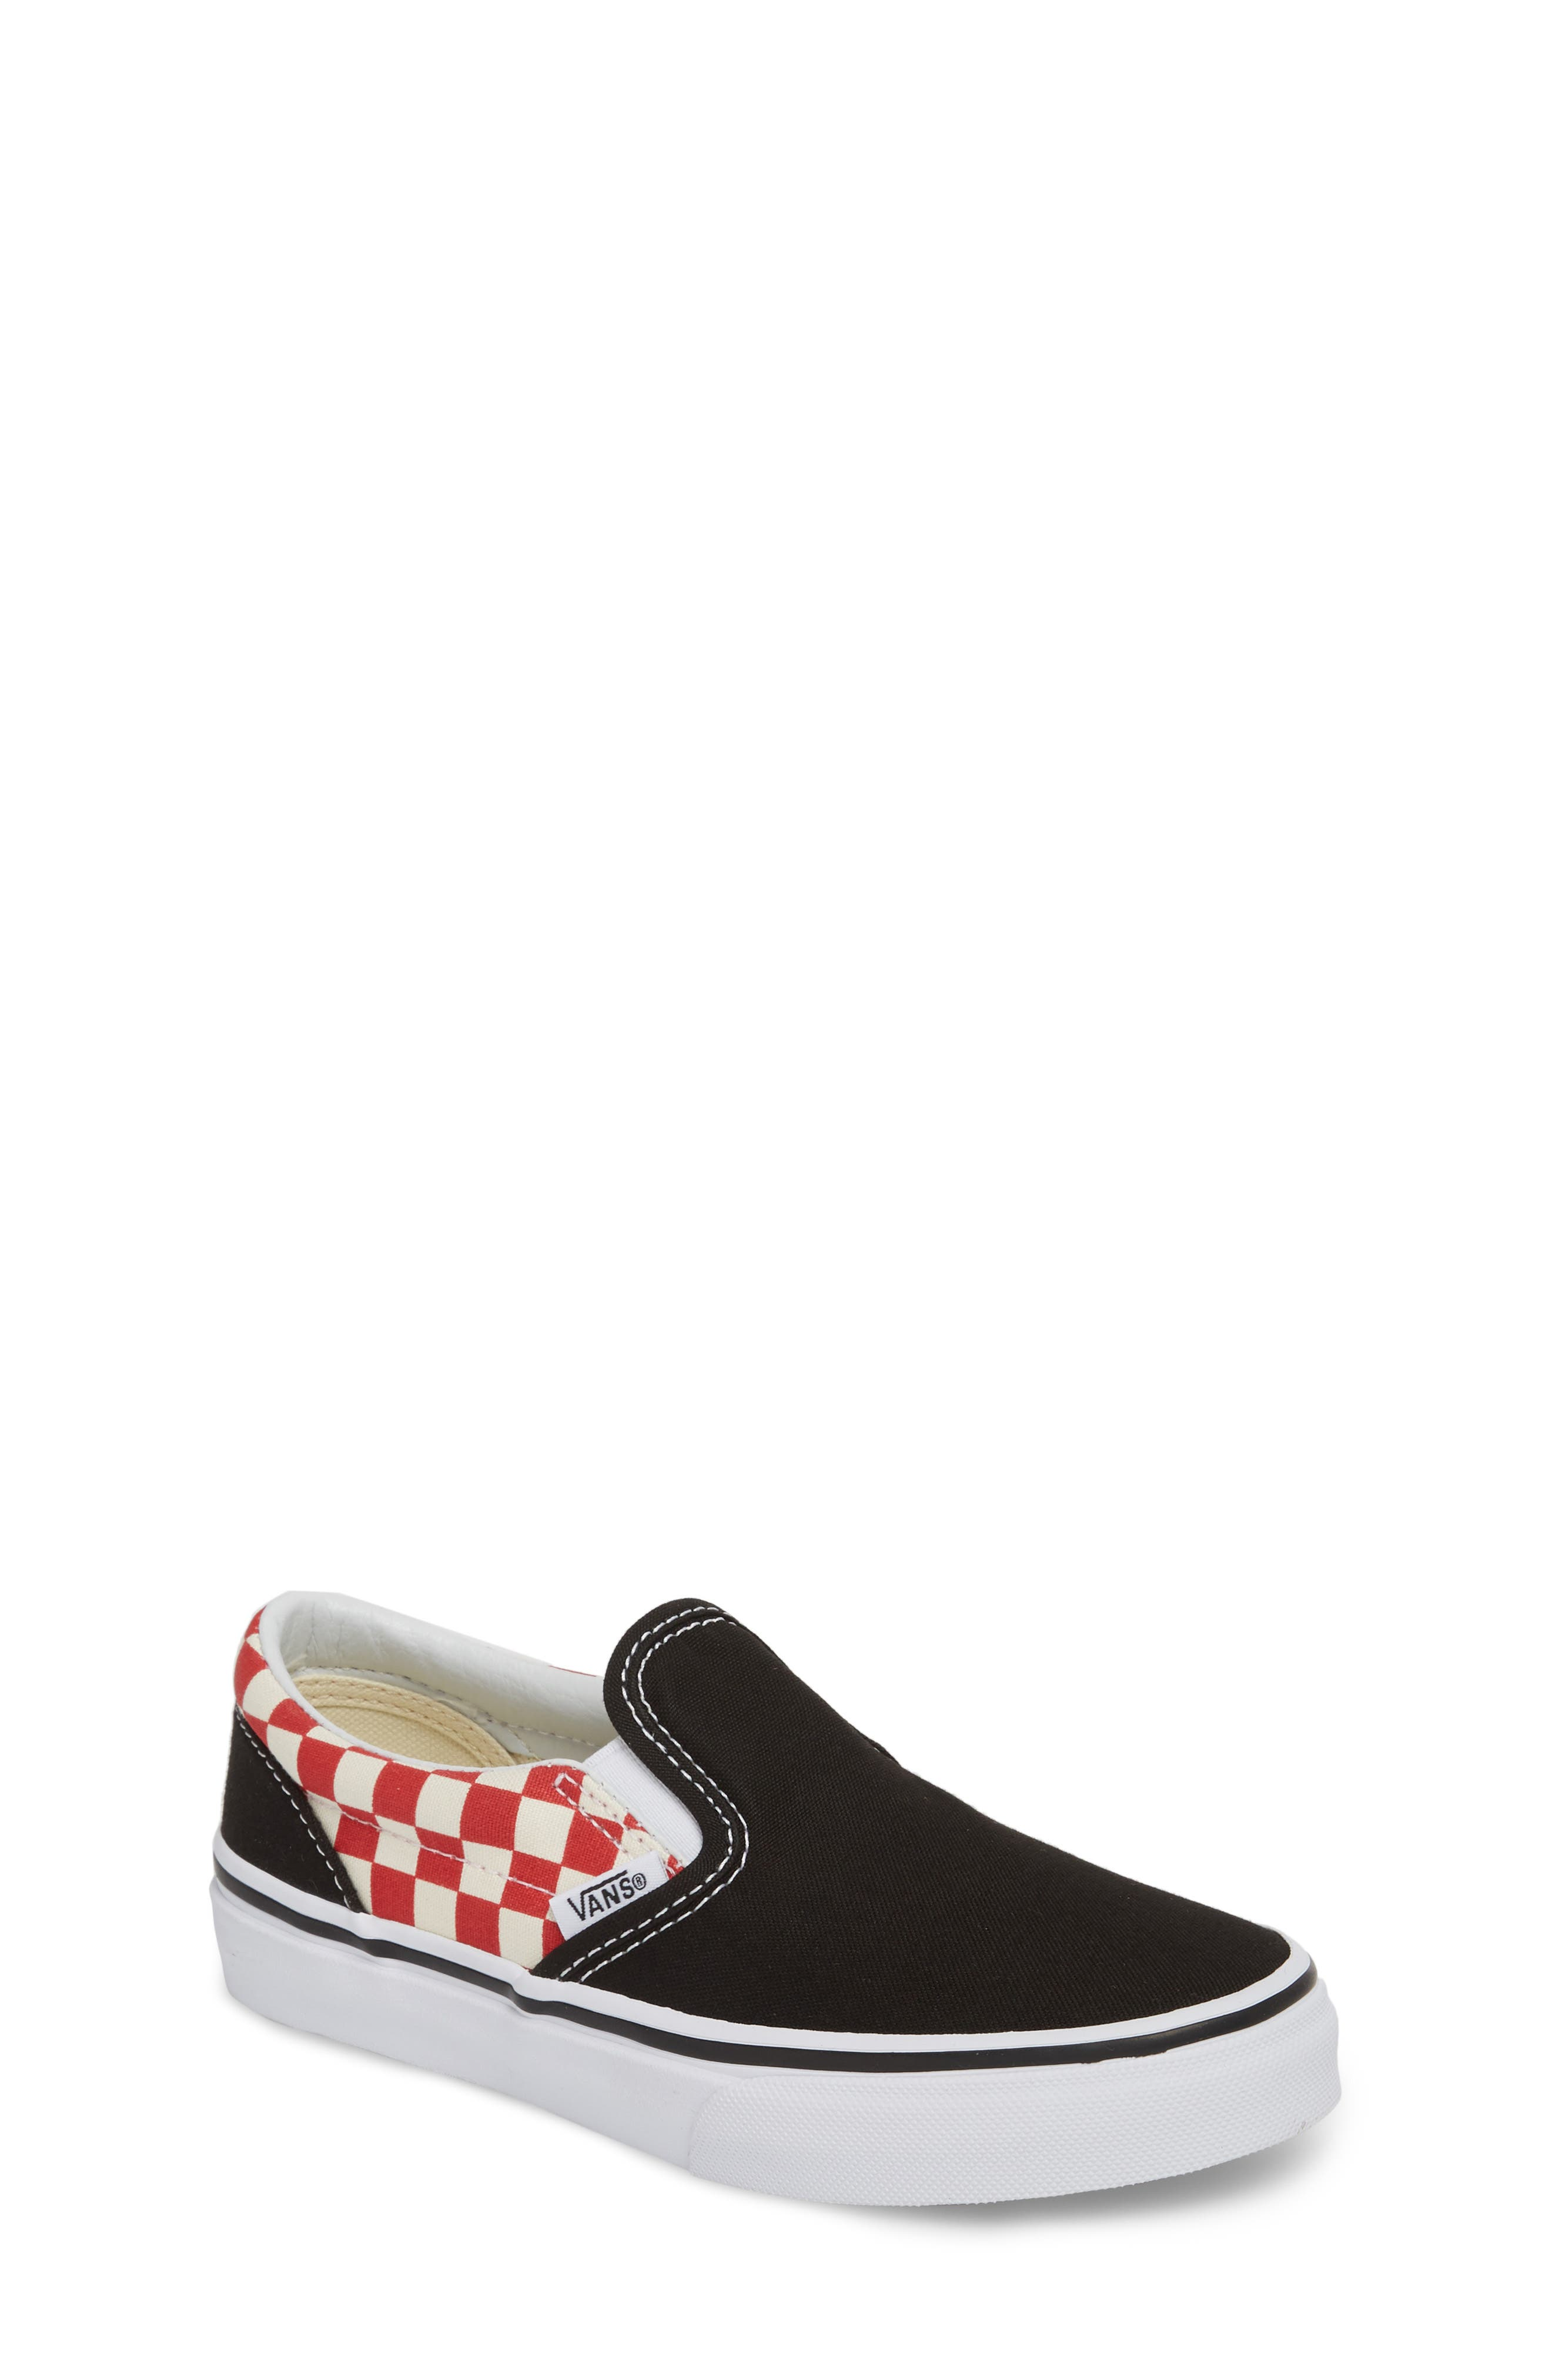 Alternate Image 1 Selected - Vans 'Classic - Checker' Slip-On (Toddler, Little Kid & Big Kid)